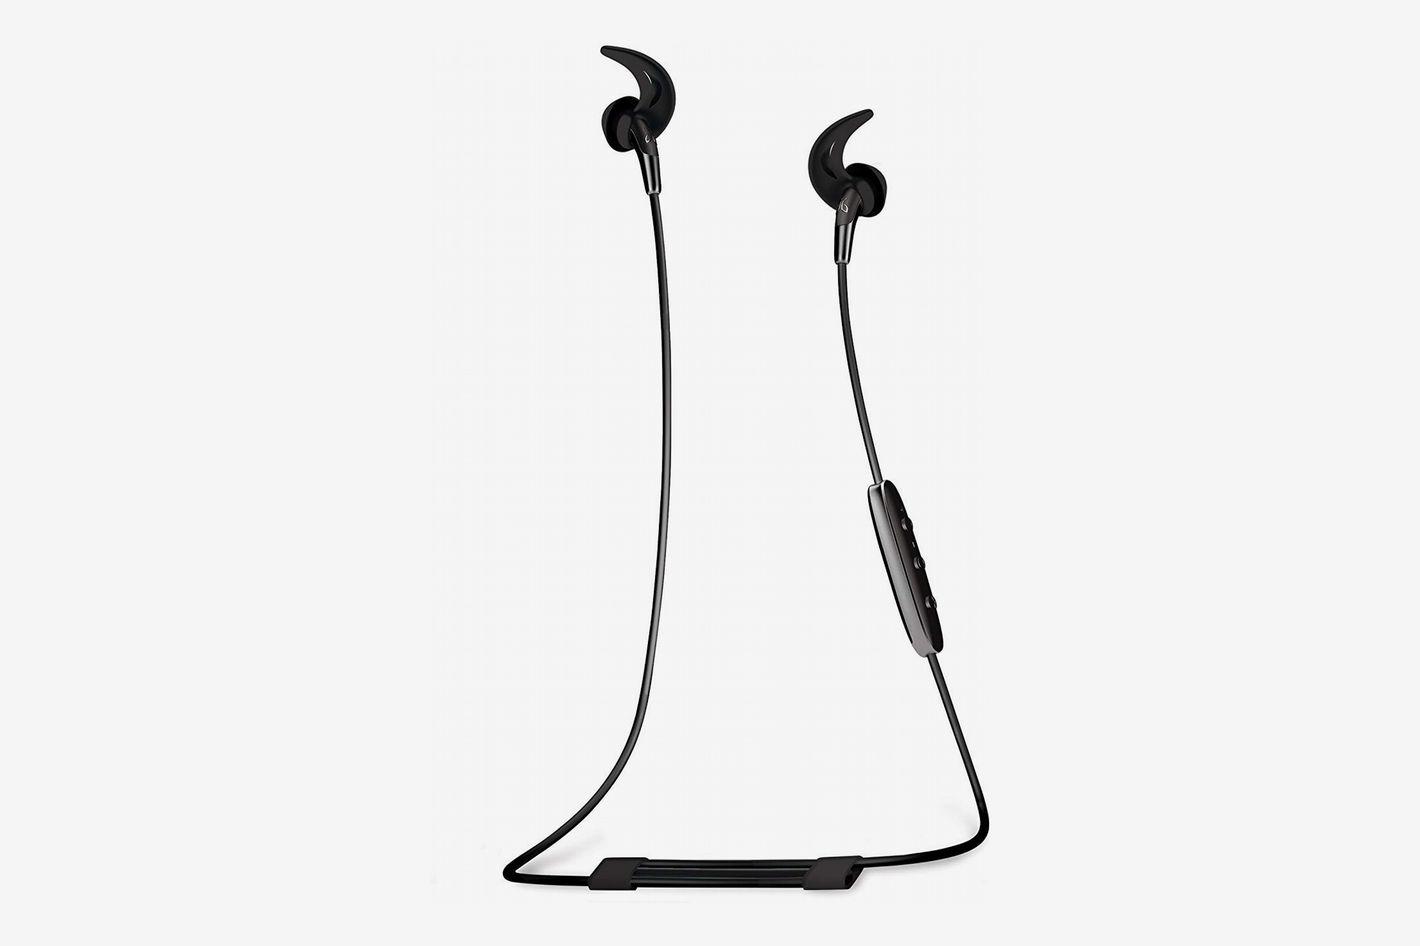 Jaybird Freedom 2 in-Ear Wireless Bluetooth Sport Headphones With SpeedFit